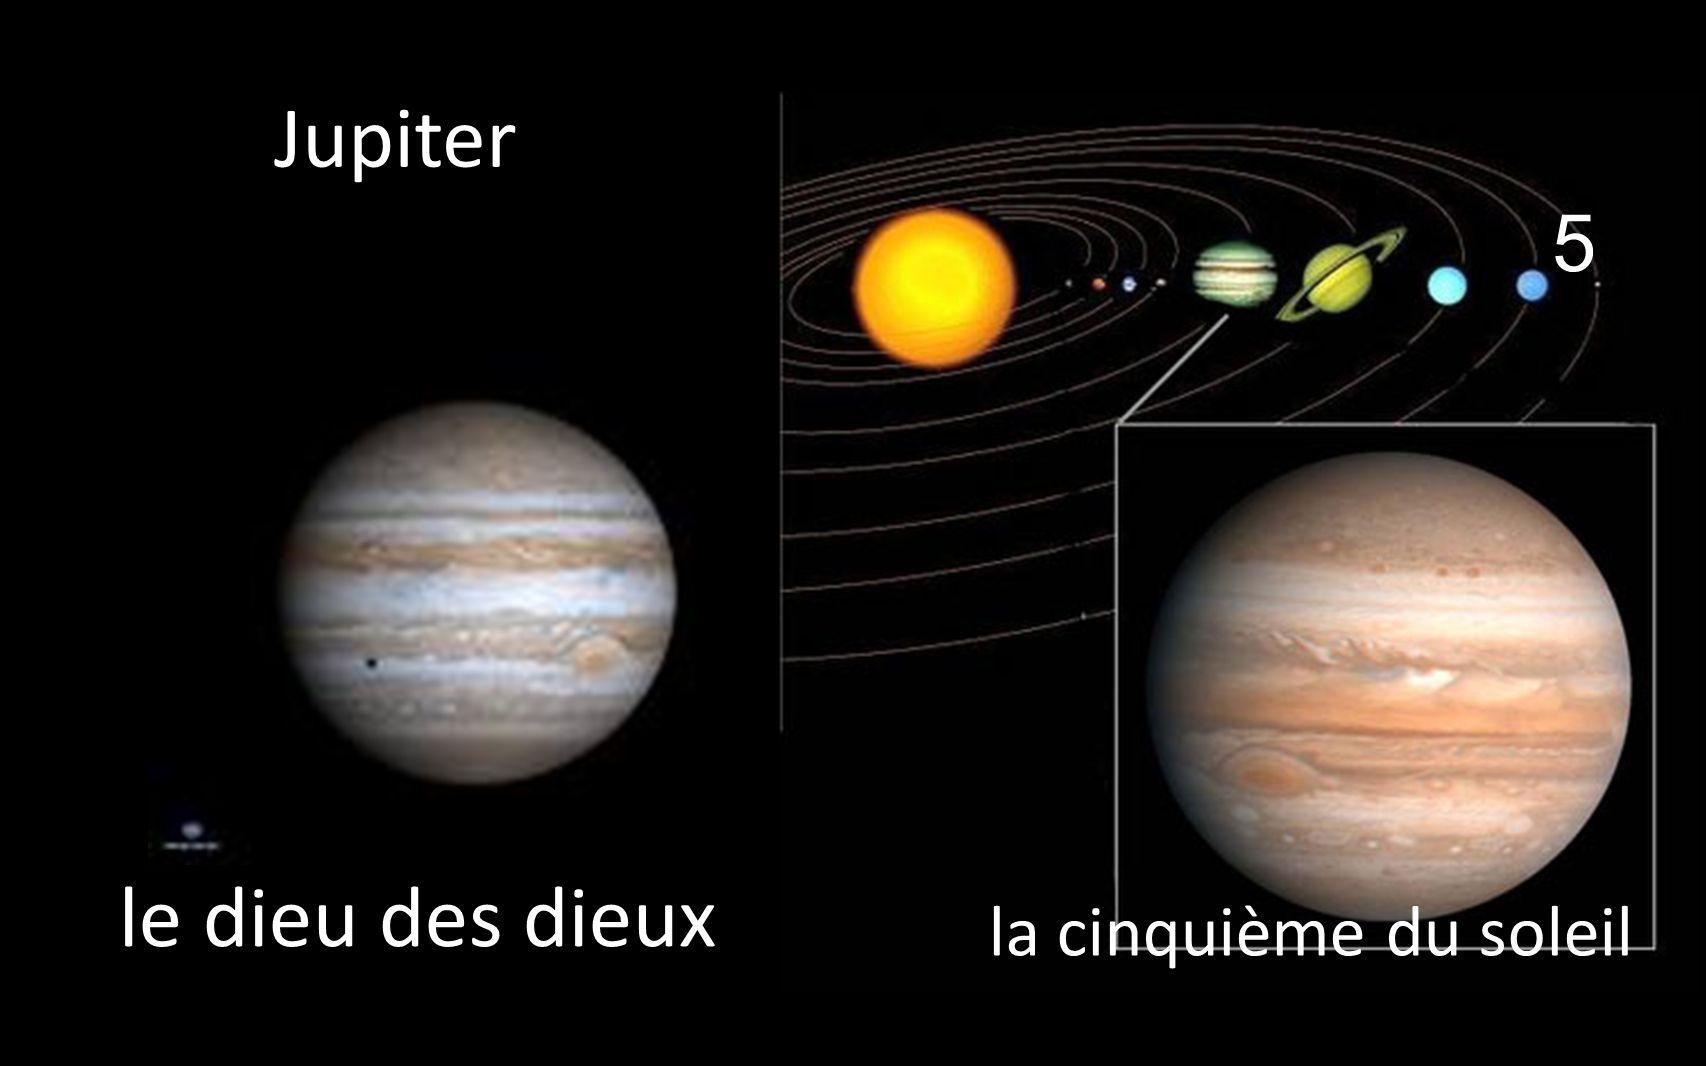 5 la cinquième du soleil _Jupiter _le dieu des dieux